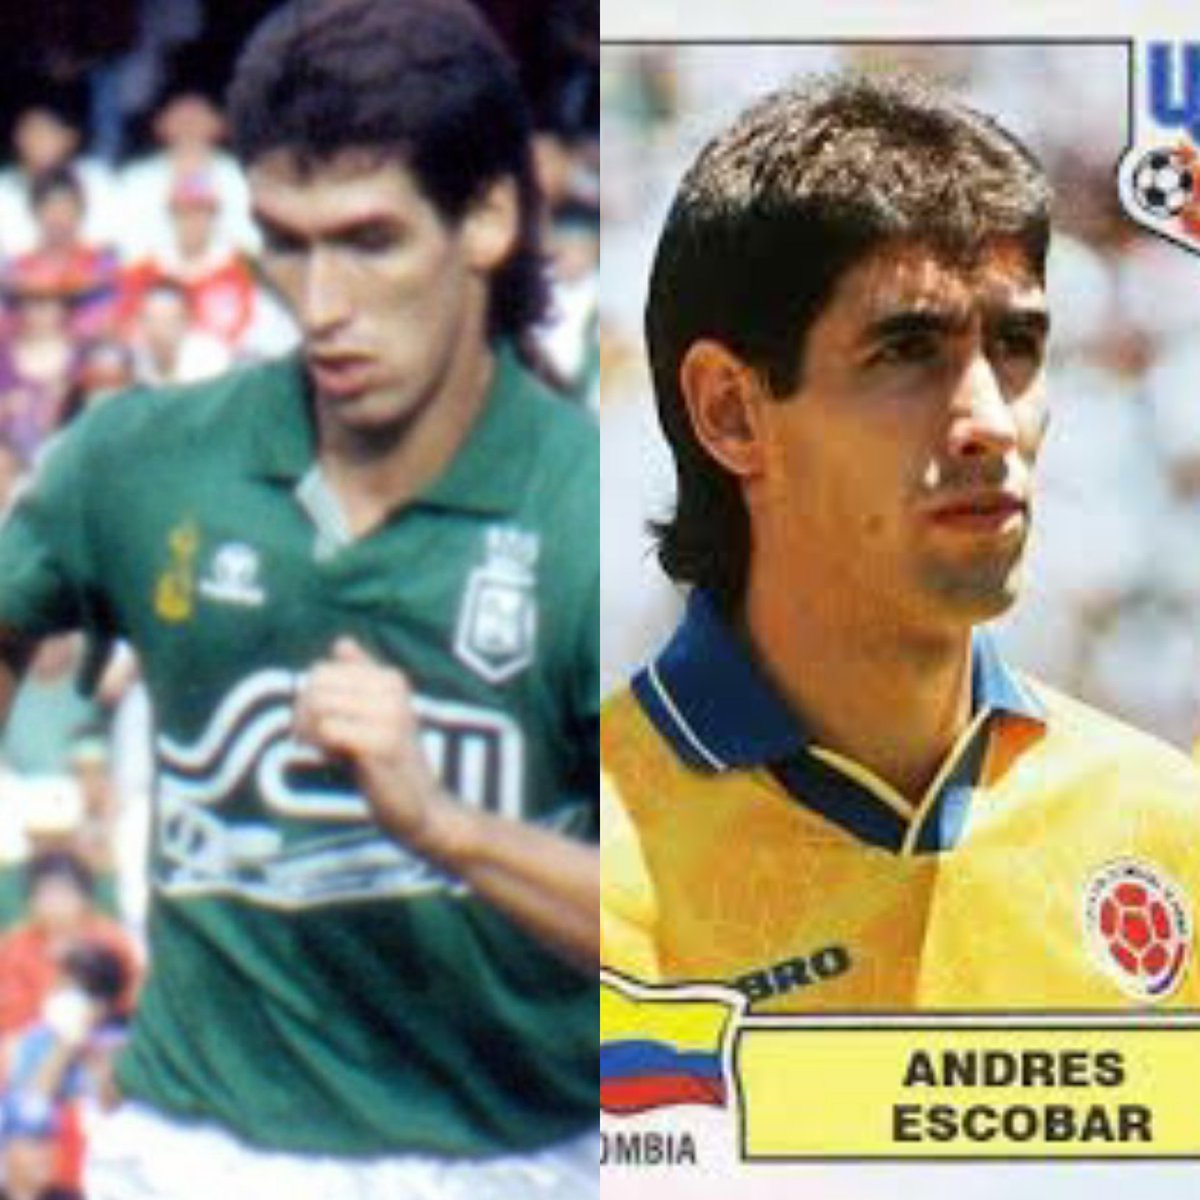 @nacionaloficial @FCFSeleccionCol  Andre2 E2cobar #Inmortal2 El caballero del fútbol #SDVSF pic.twitter.com/3HTexr4TAh